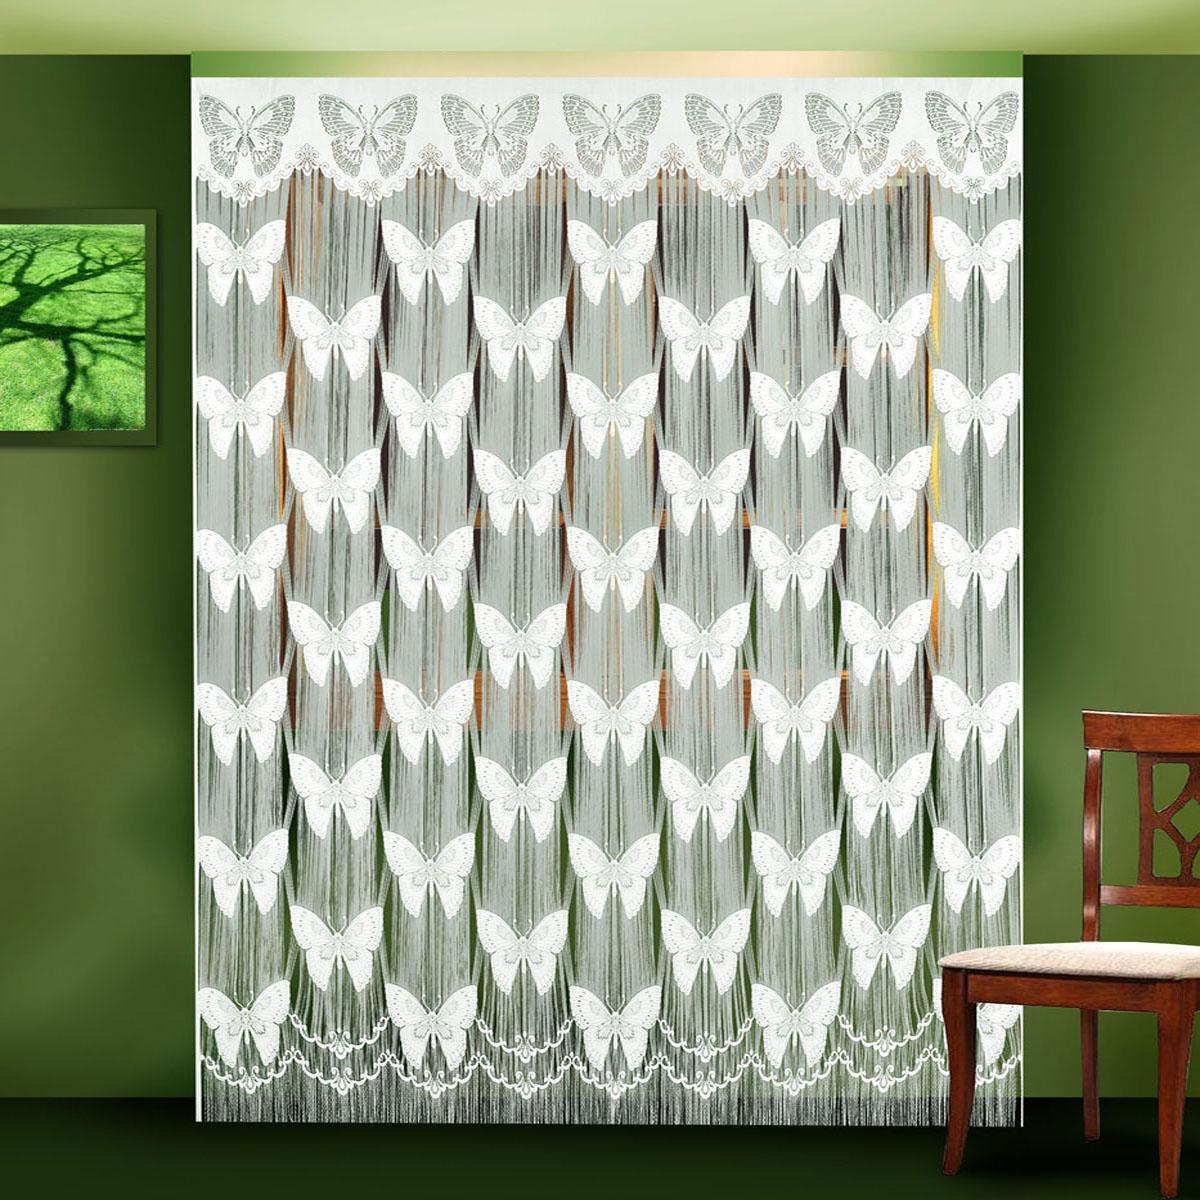 Гардина-лапша Zlata Korunka, цвет: белый, высота 250 см. 8880188801 белыйГардина-лапша Zlata Korunka, изготовленная из полиэстера кремового цвета, станетвеликолепным украшением окна или дверного проема. Гардина выполнена из тонкойбахромы и декорирована вставками в виде ажурных бабочек.Тонкое плетение, необычный дизайн и нежная цветовая гамма привлекут внимание иорганично впишутся в интерьер помещения. Верхняя часть гардины не оснащенакреплениями.